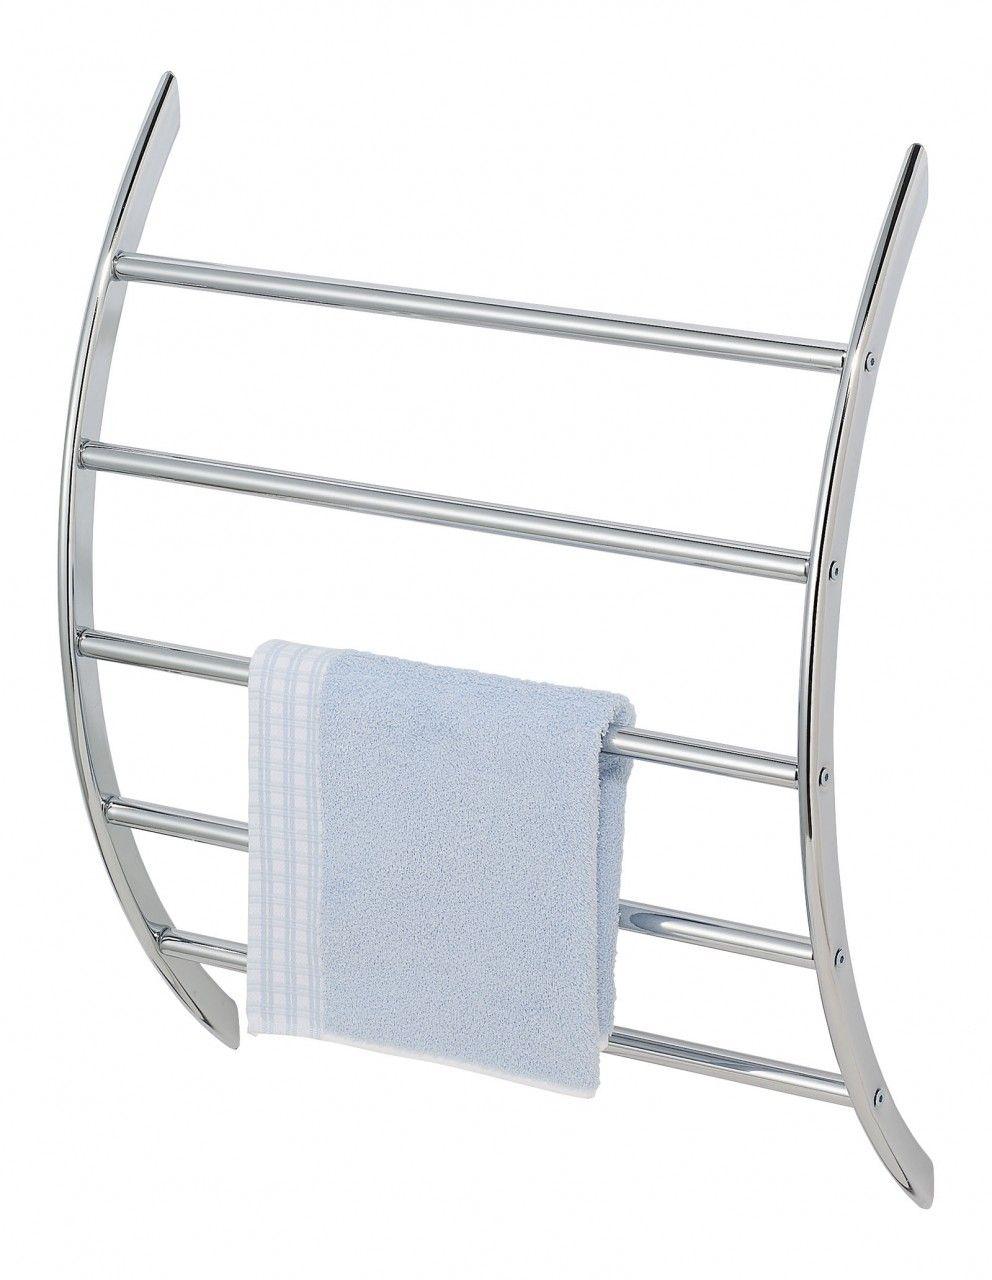 Afbeeldingsresultaat voor handdoekenrek badkamer | handdoekenrek ...